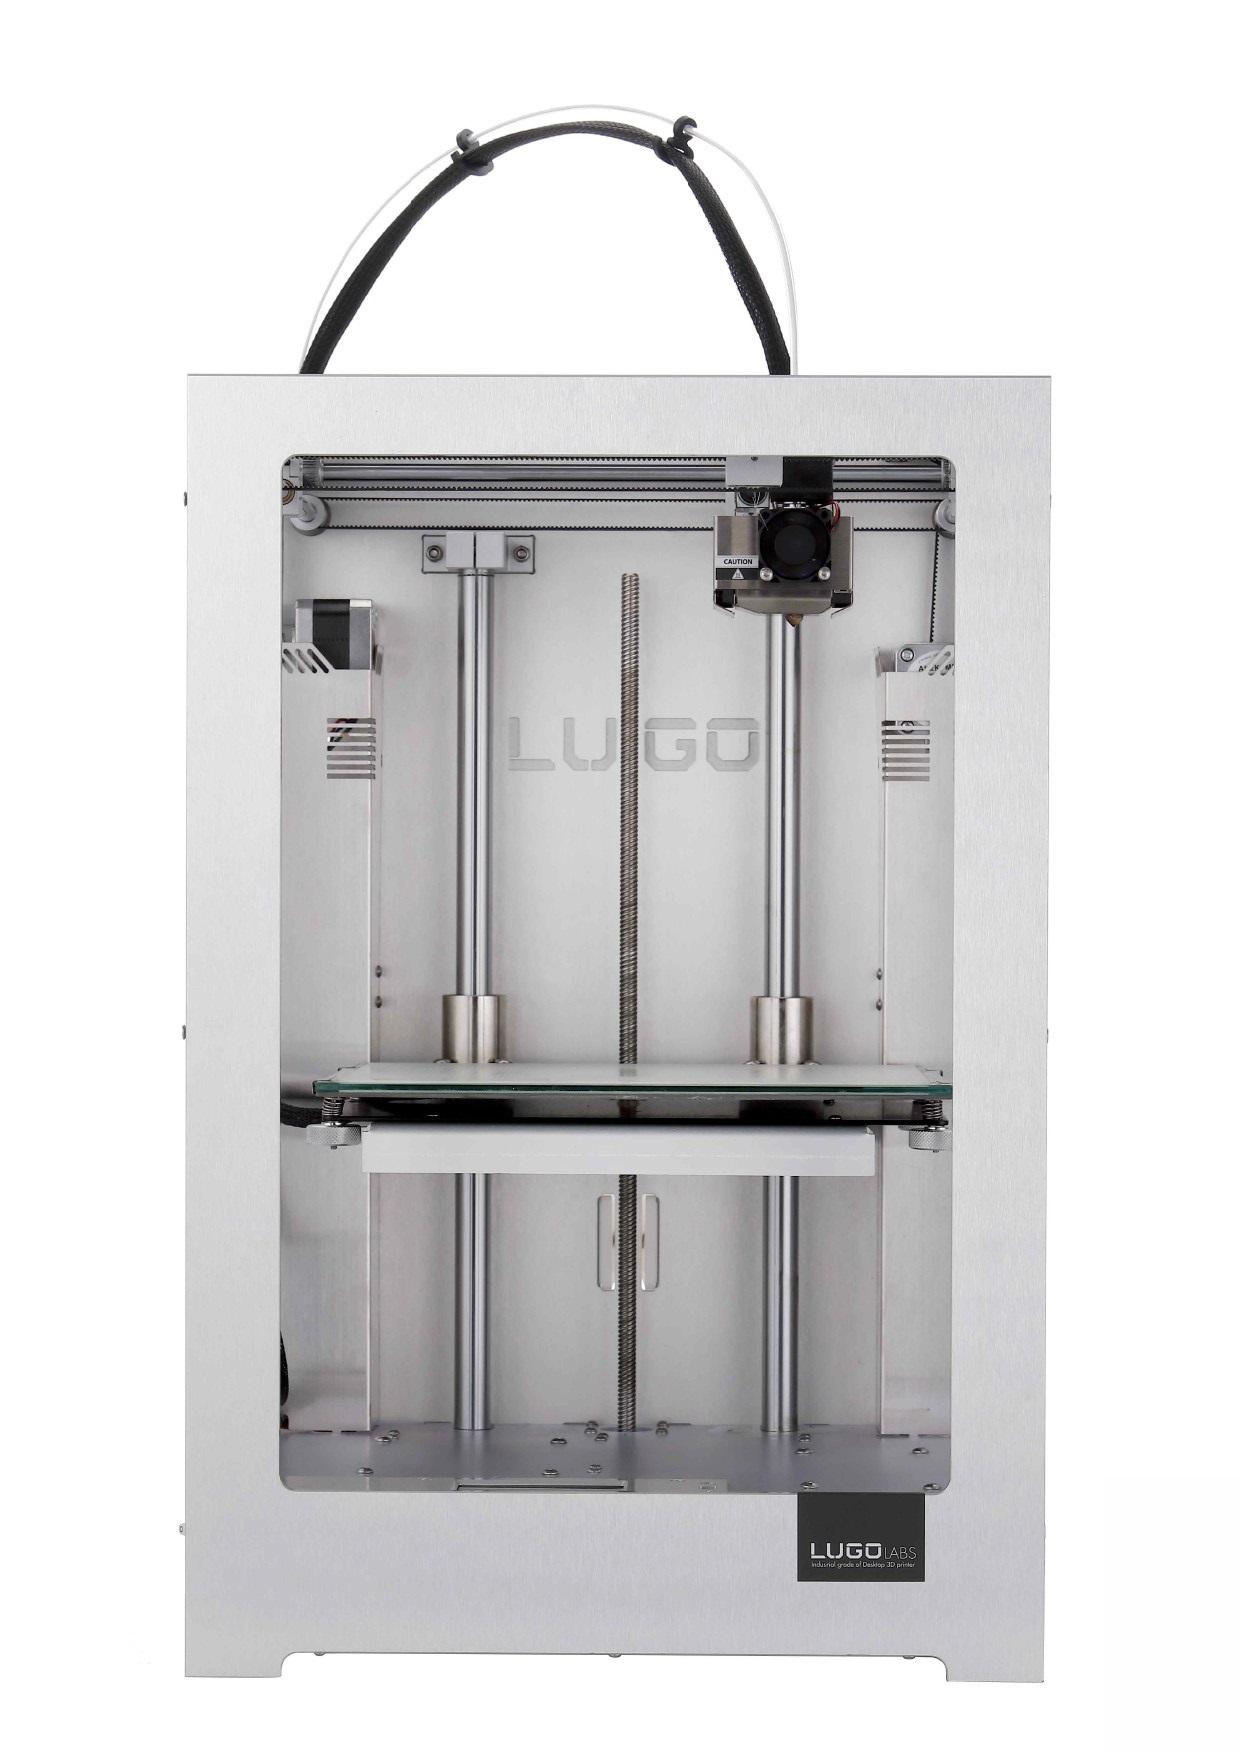 3D Printer - LUGO